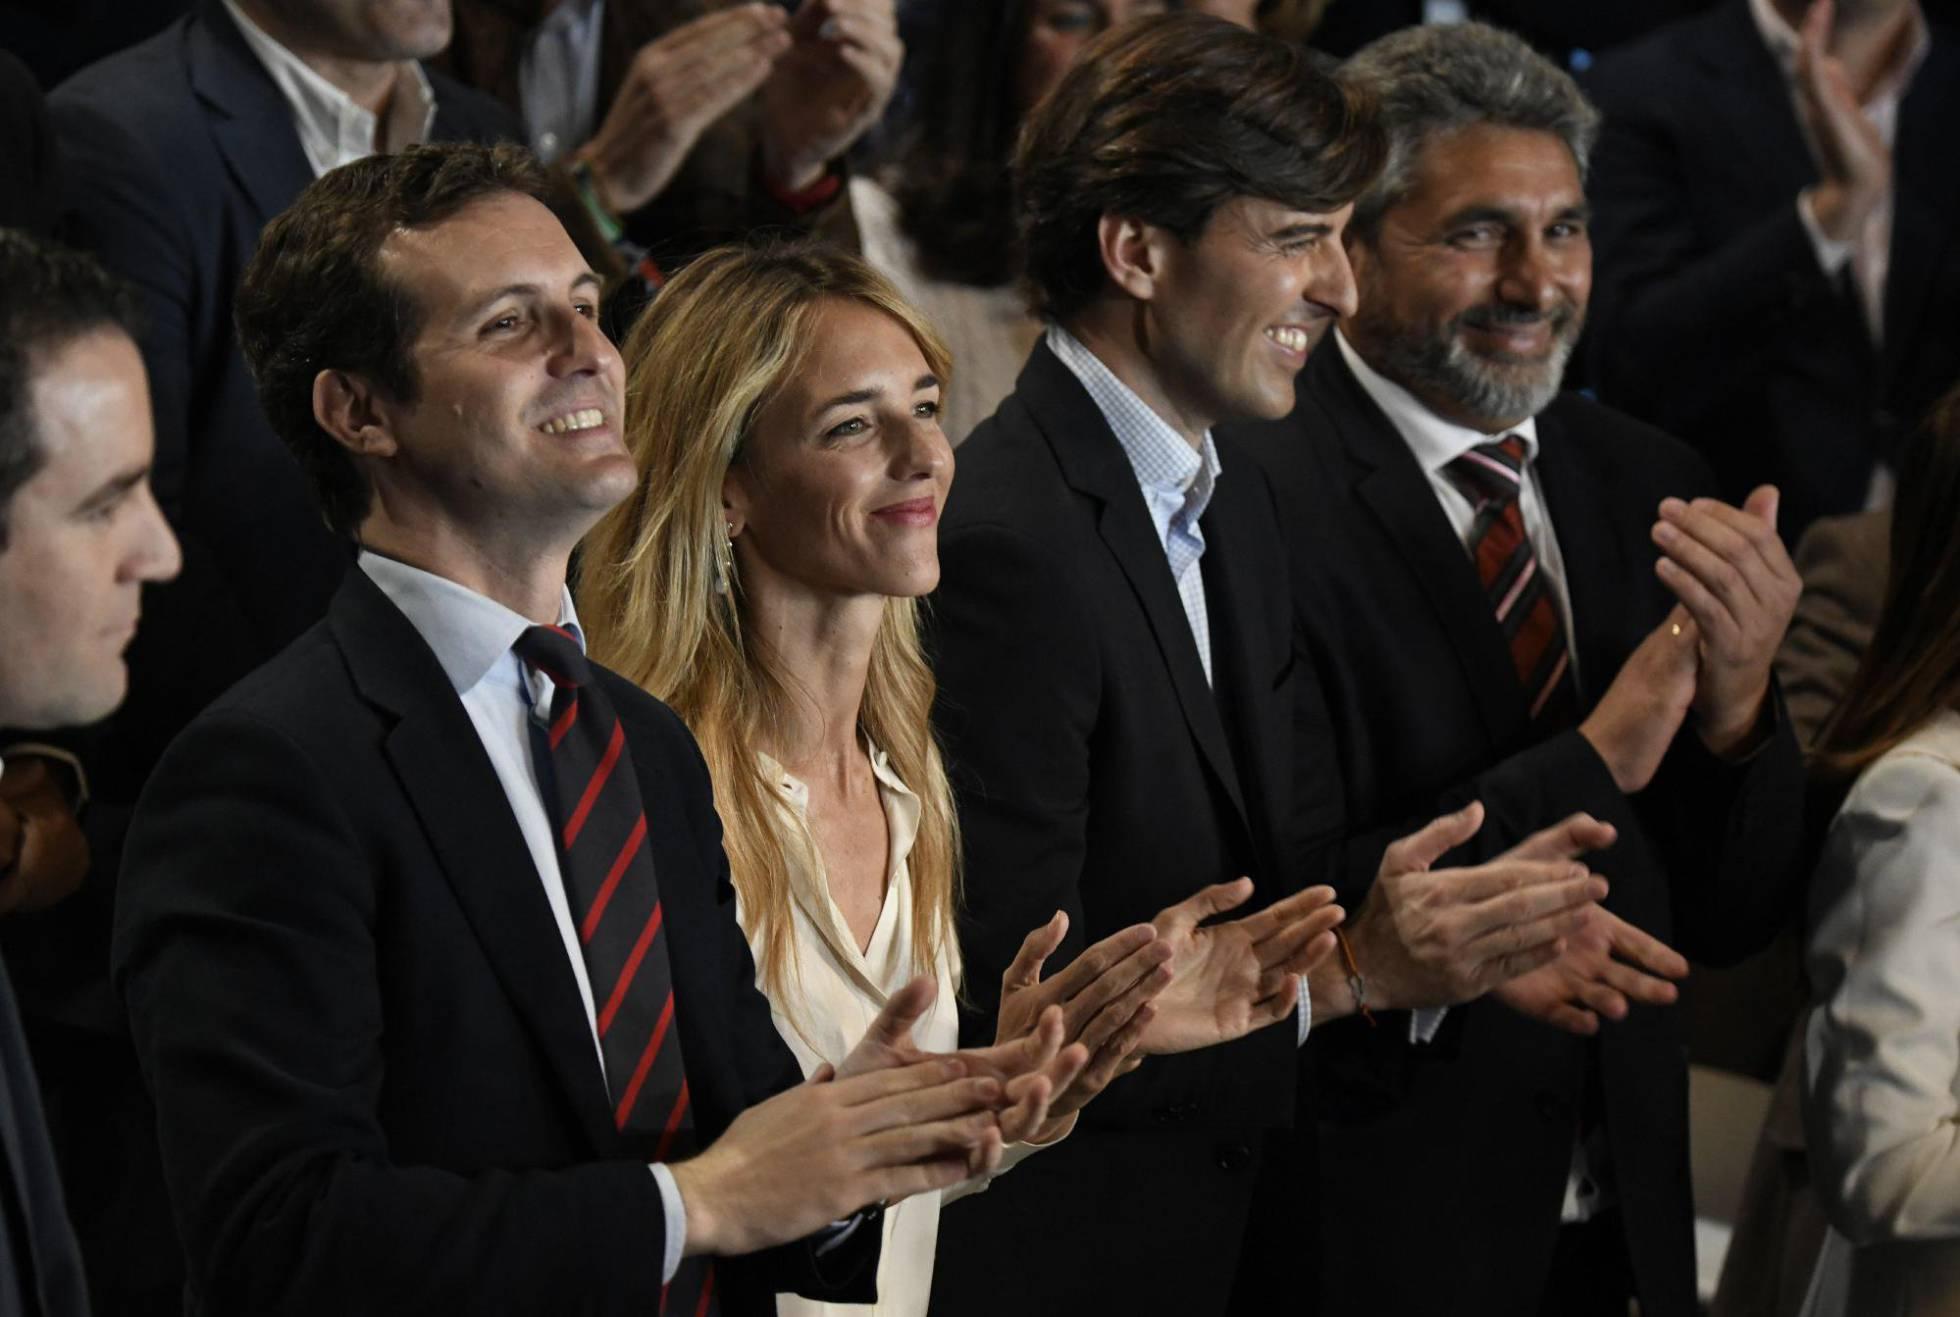 1553095330_537636_1553095974_noticia_normal_recorte1